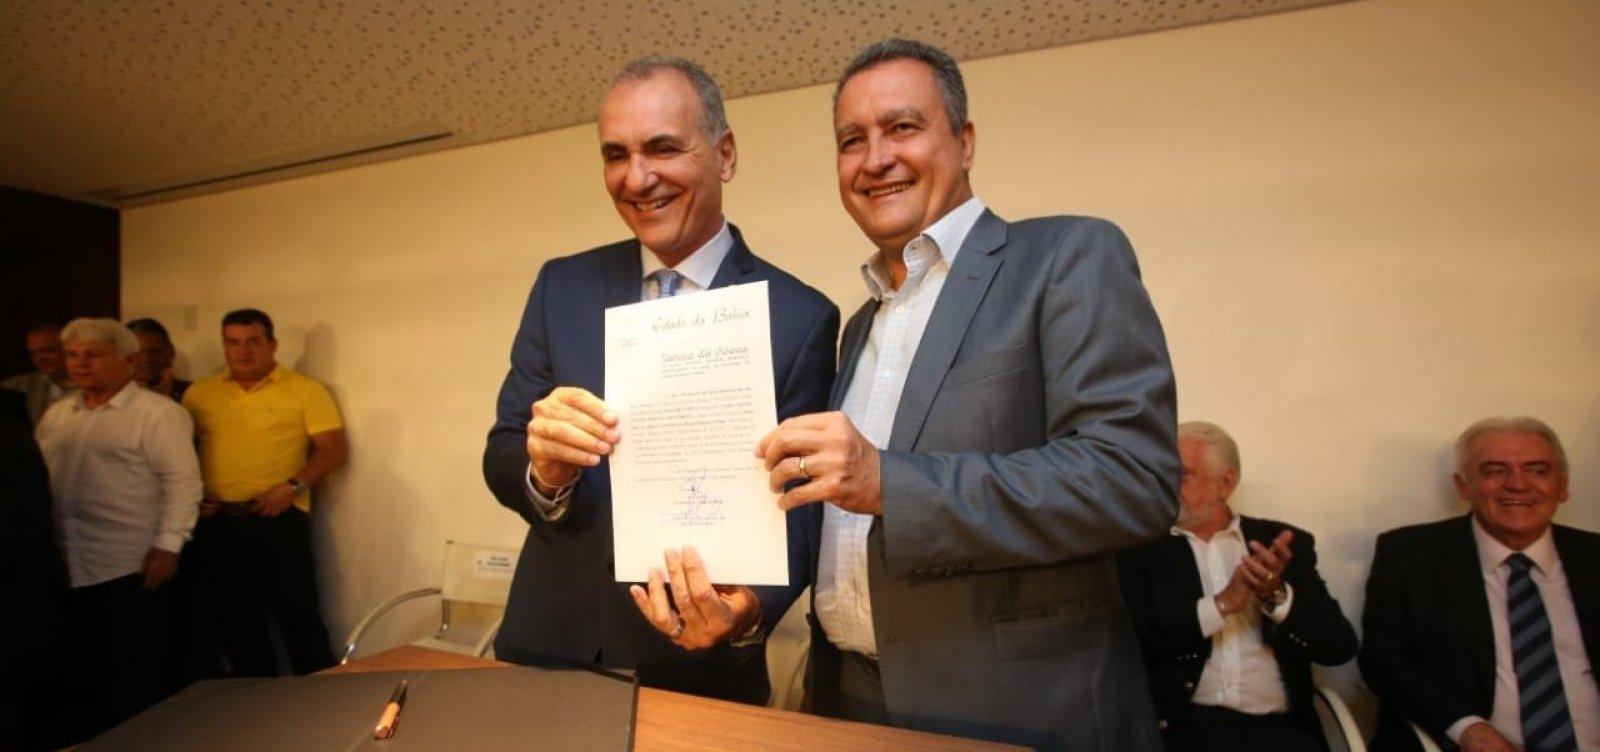 Rui dá posse a Nelson Pelegrino como novo titular da Sedur